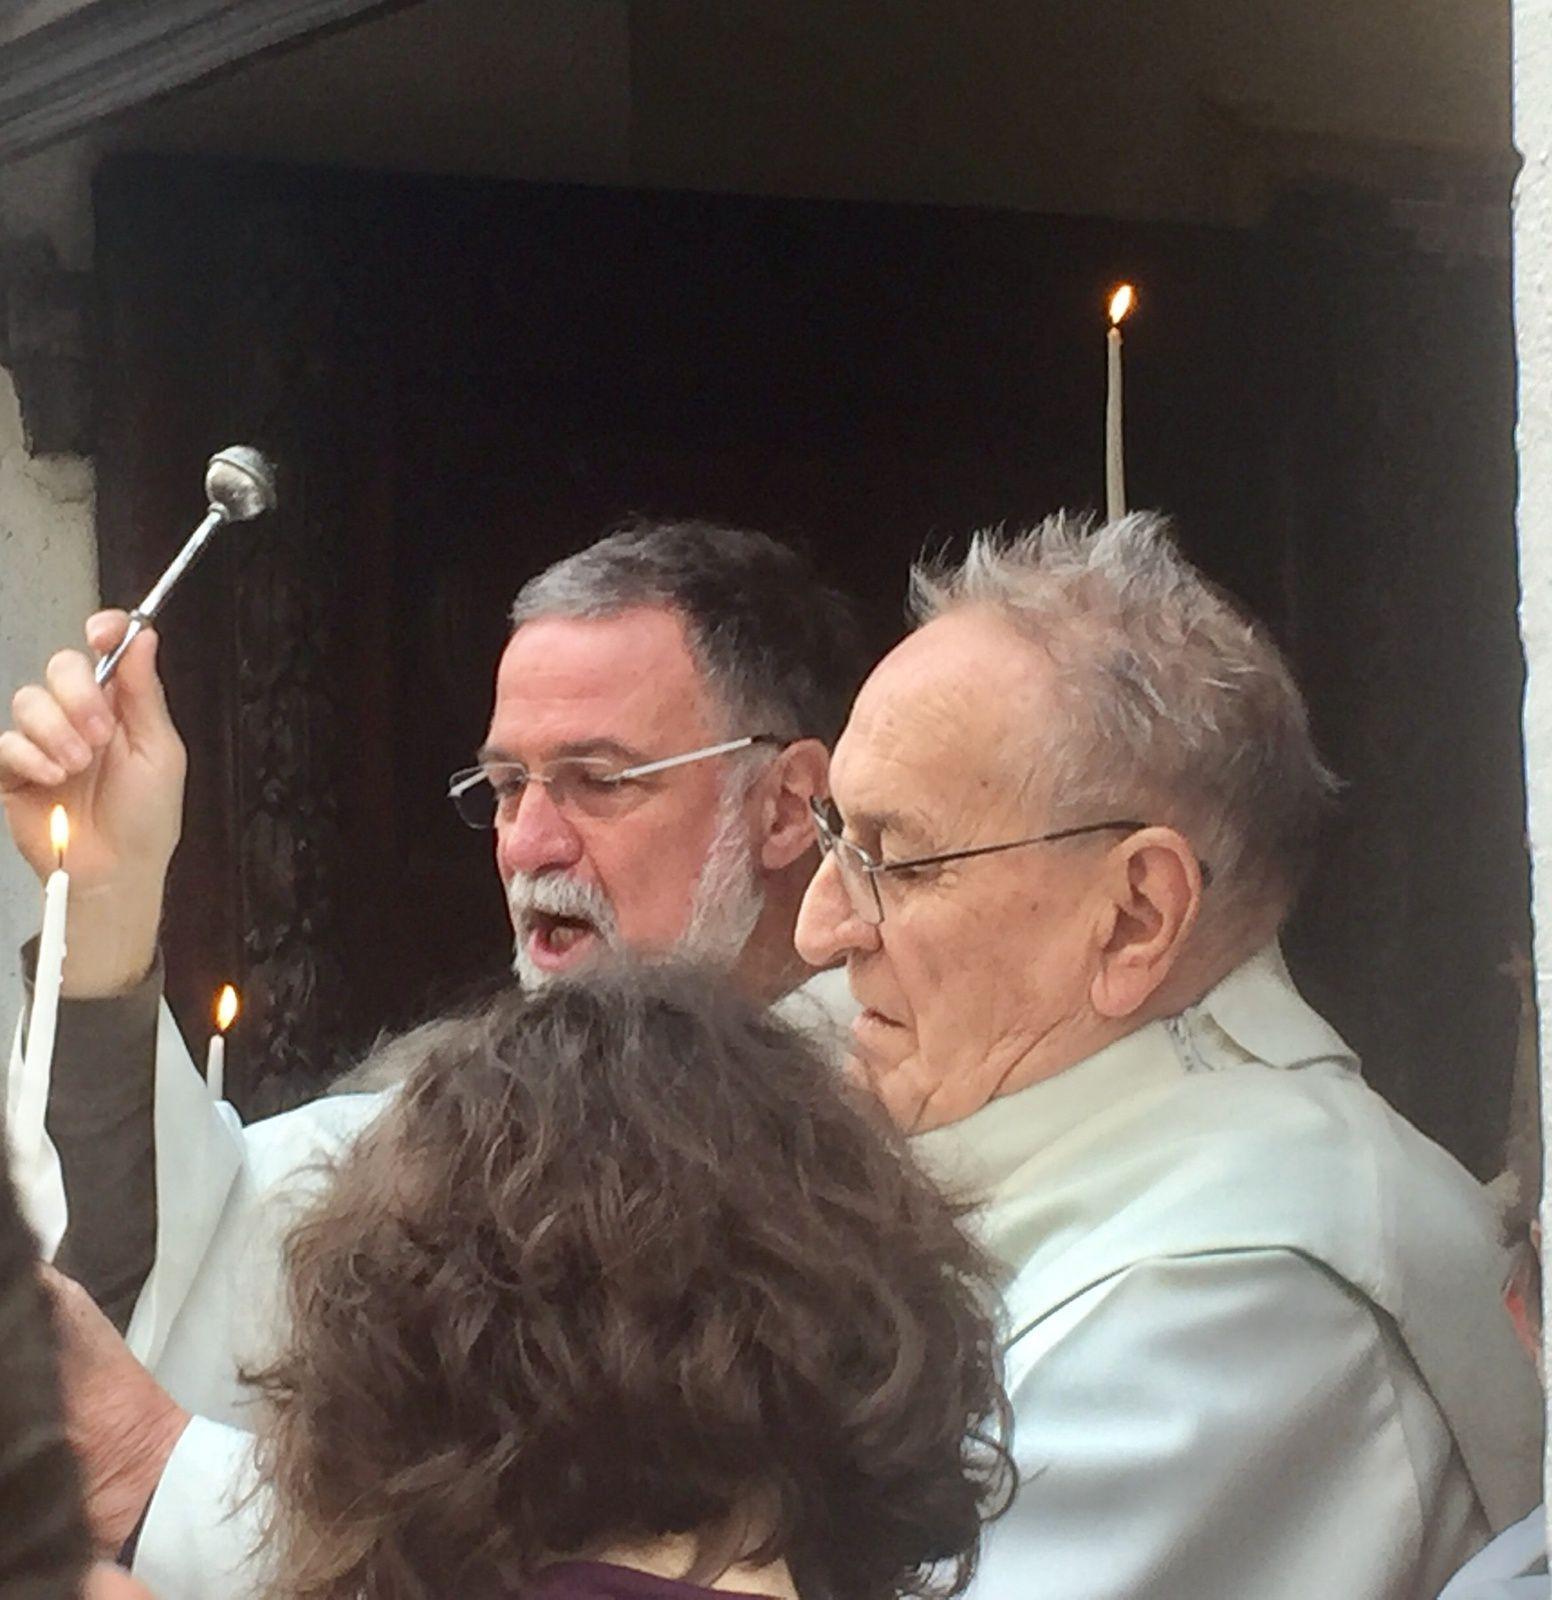 C'est dans une église Saint Louis d'Anjou comble qu'ont été été fêtées la Présentation du Seigneur et la Vie consacrée. Les Religieuses de Martigues ont renouvelé leurs vœux.